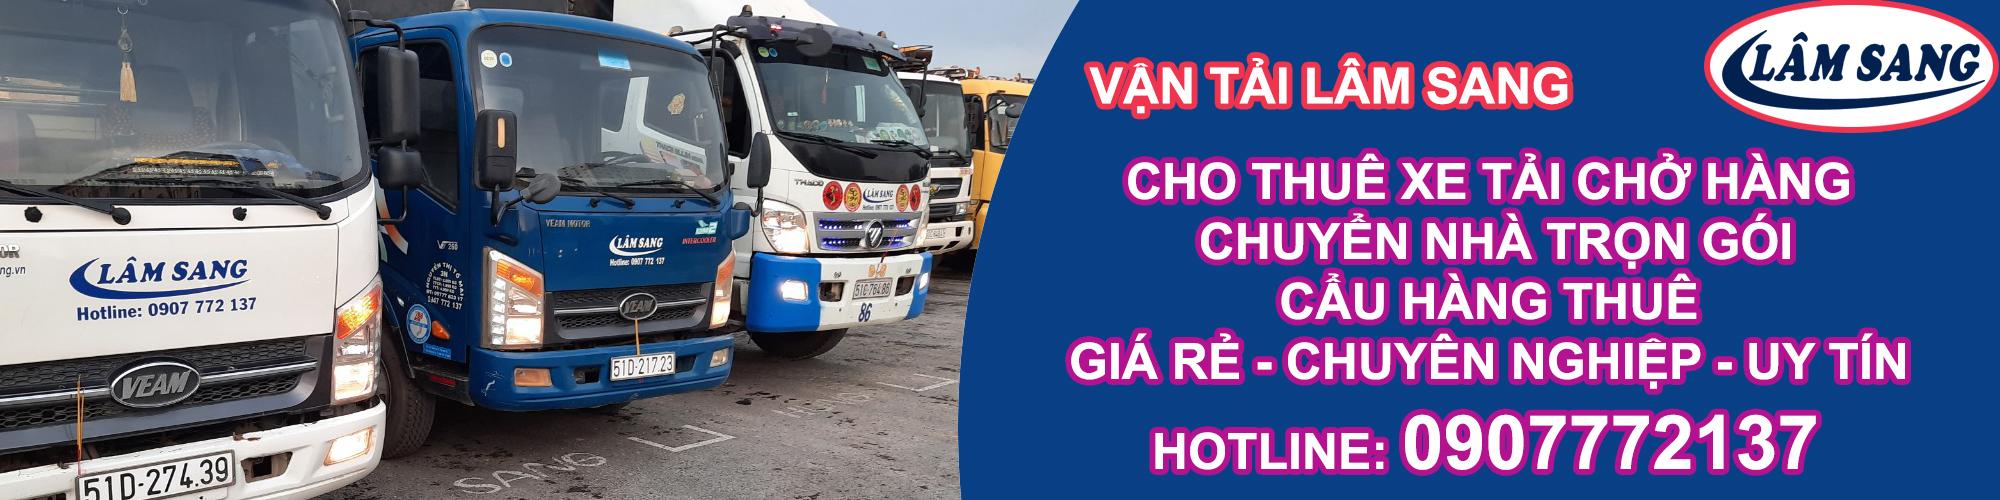 Dịch vụ vận tải hàng hoá – Xe tải chở hàng TPHCM – Lâm Sang